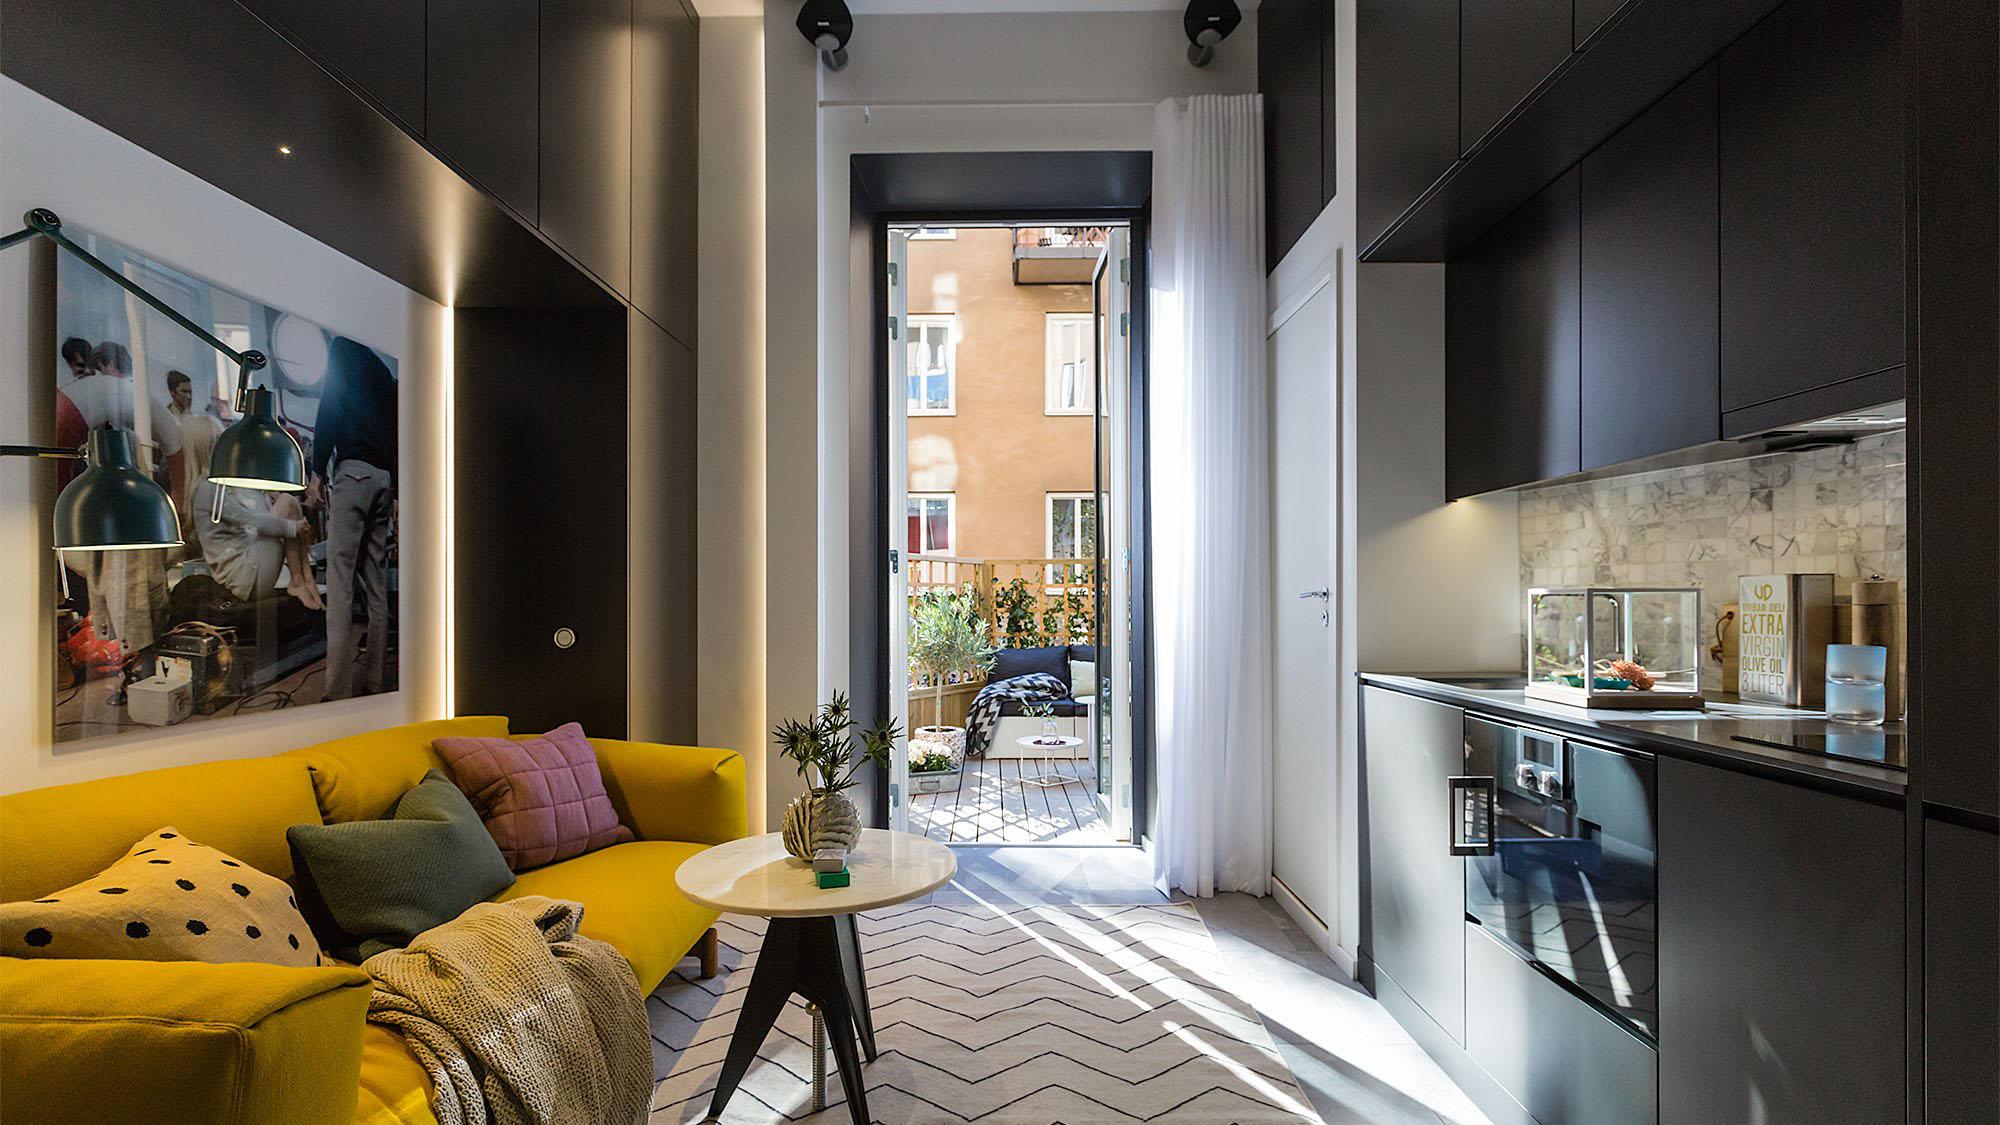 Красивые квартиры фото интерьеров маленьких